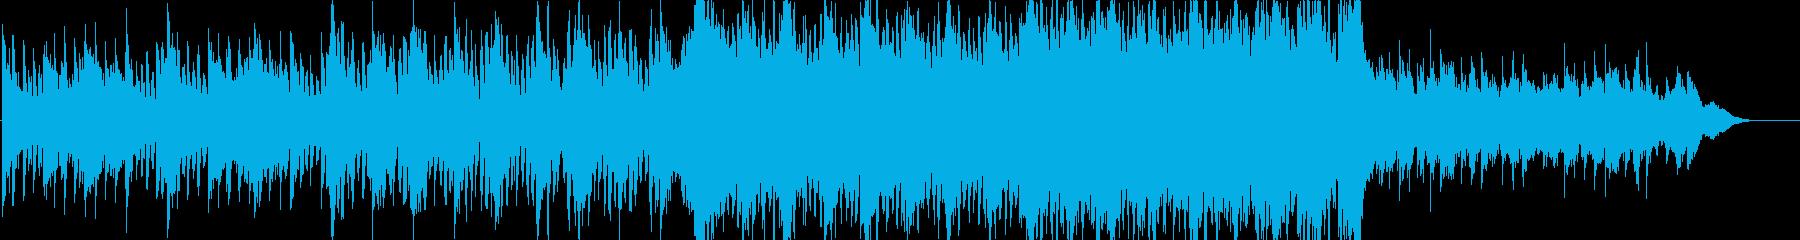 クール、モダンで壮大なオーケストラの再生済みの波形